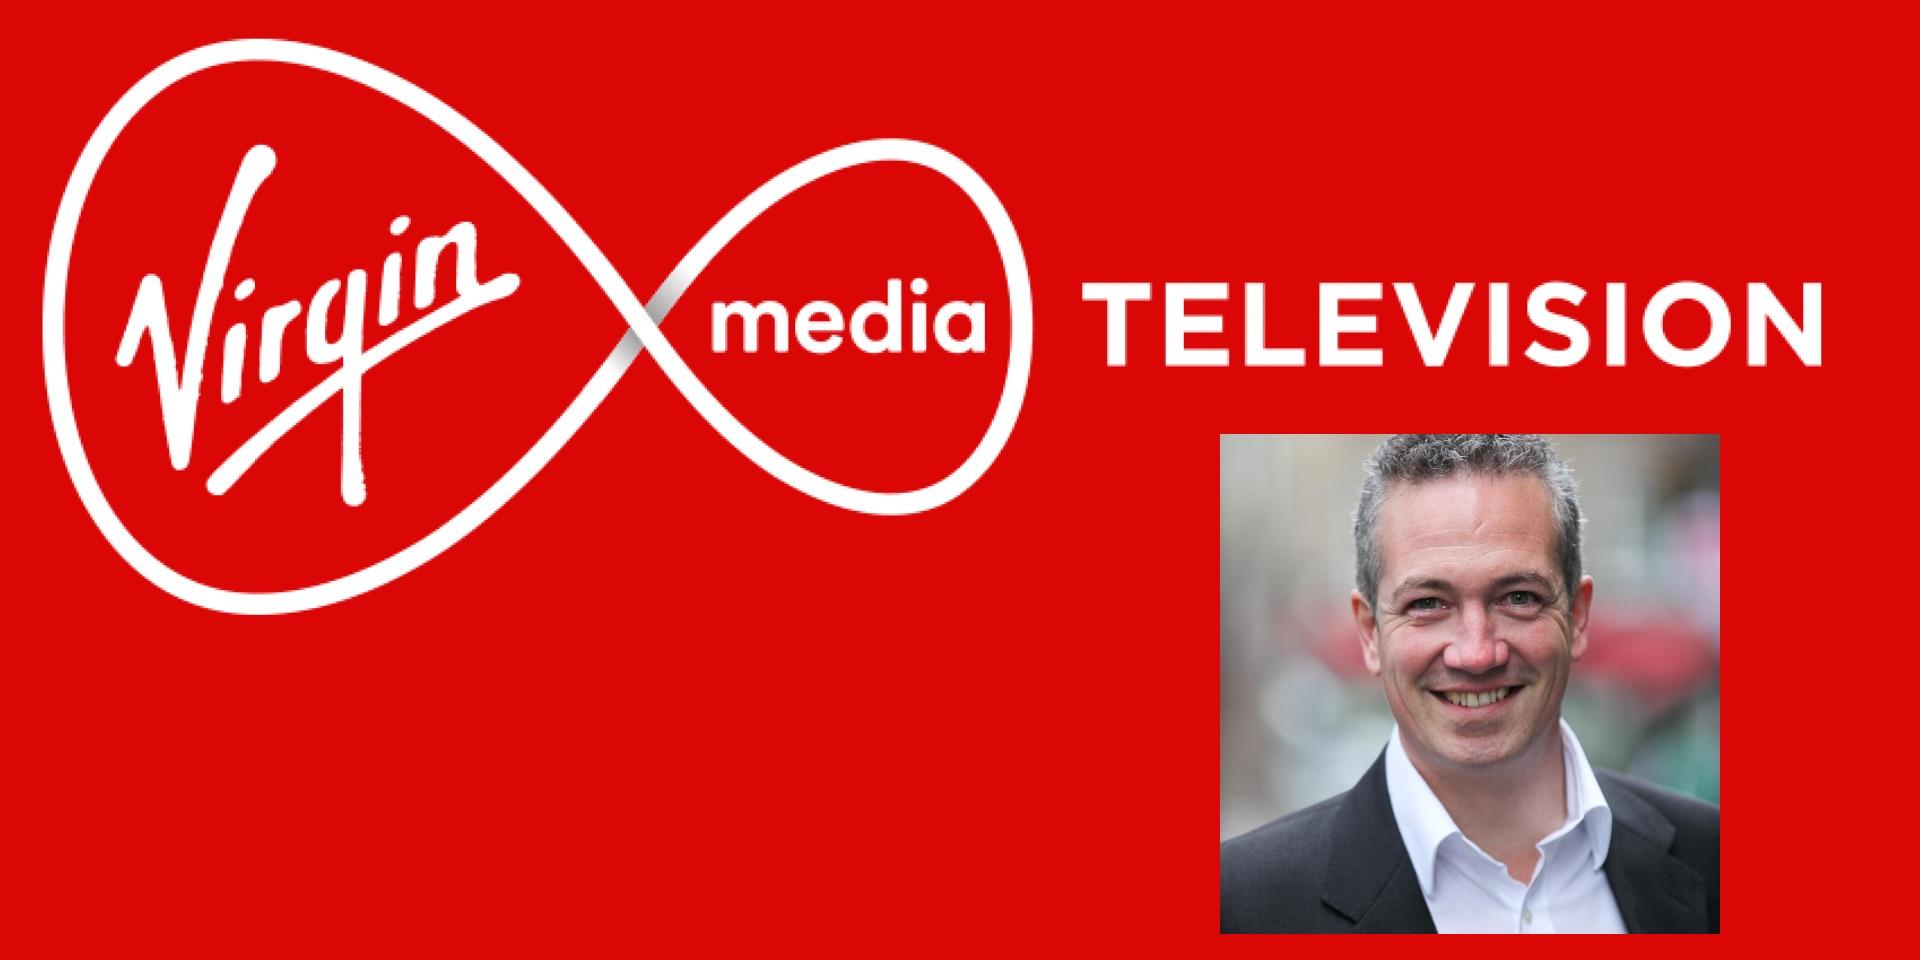 Philippe Brodeur | Virgin Media Television